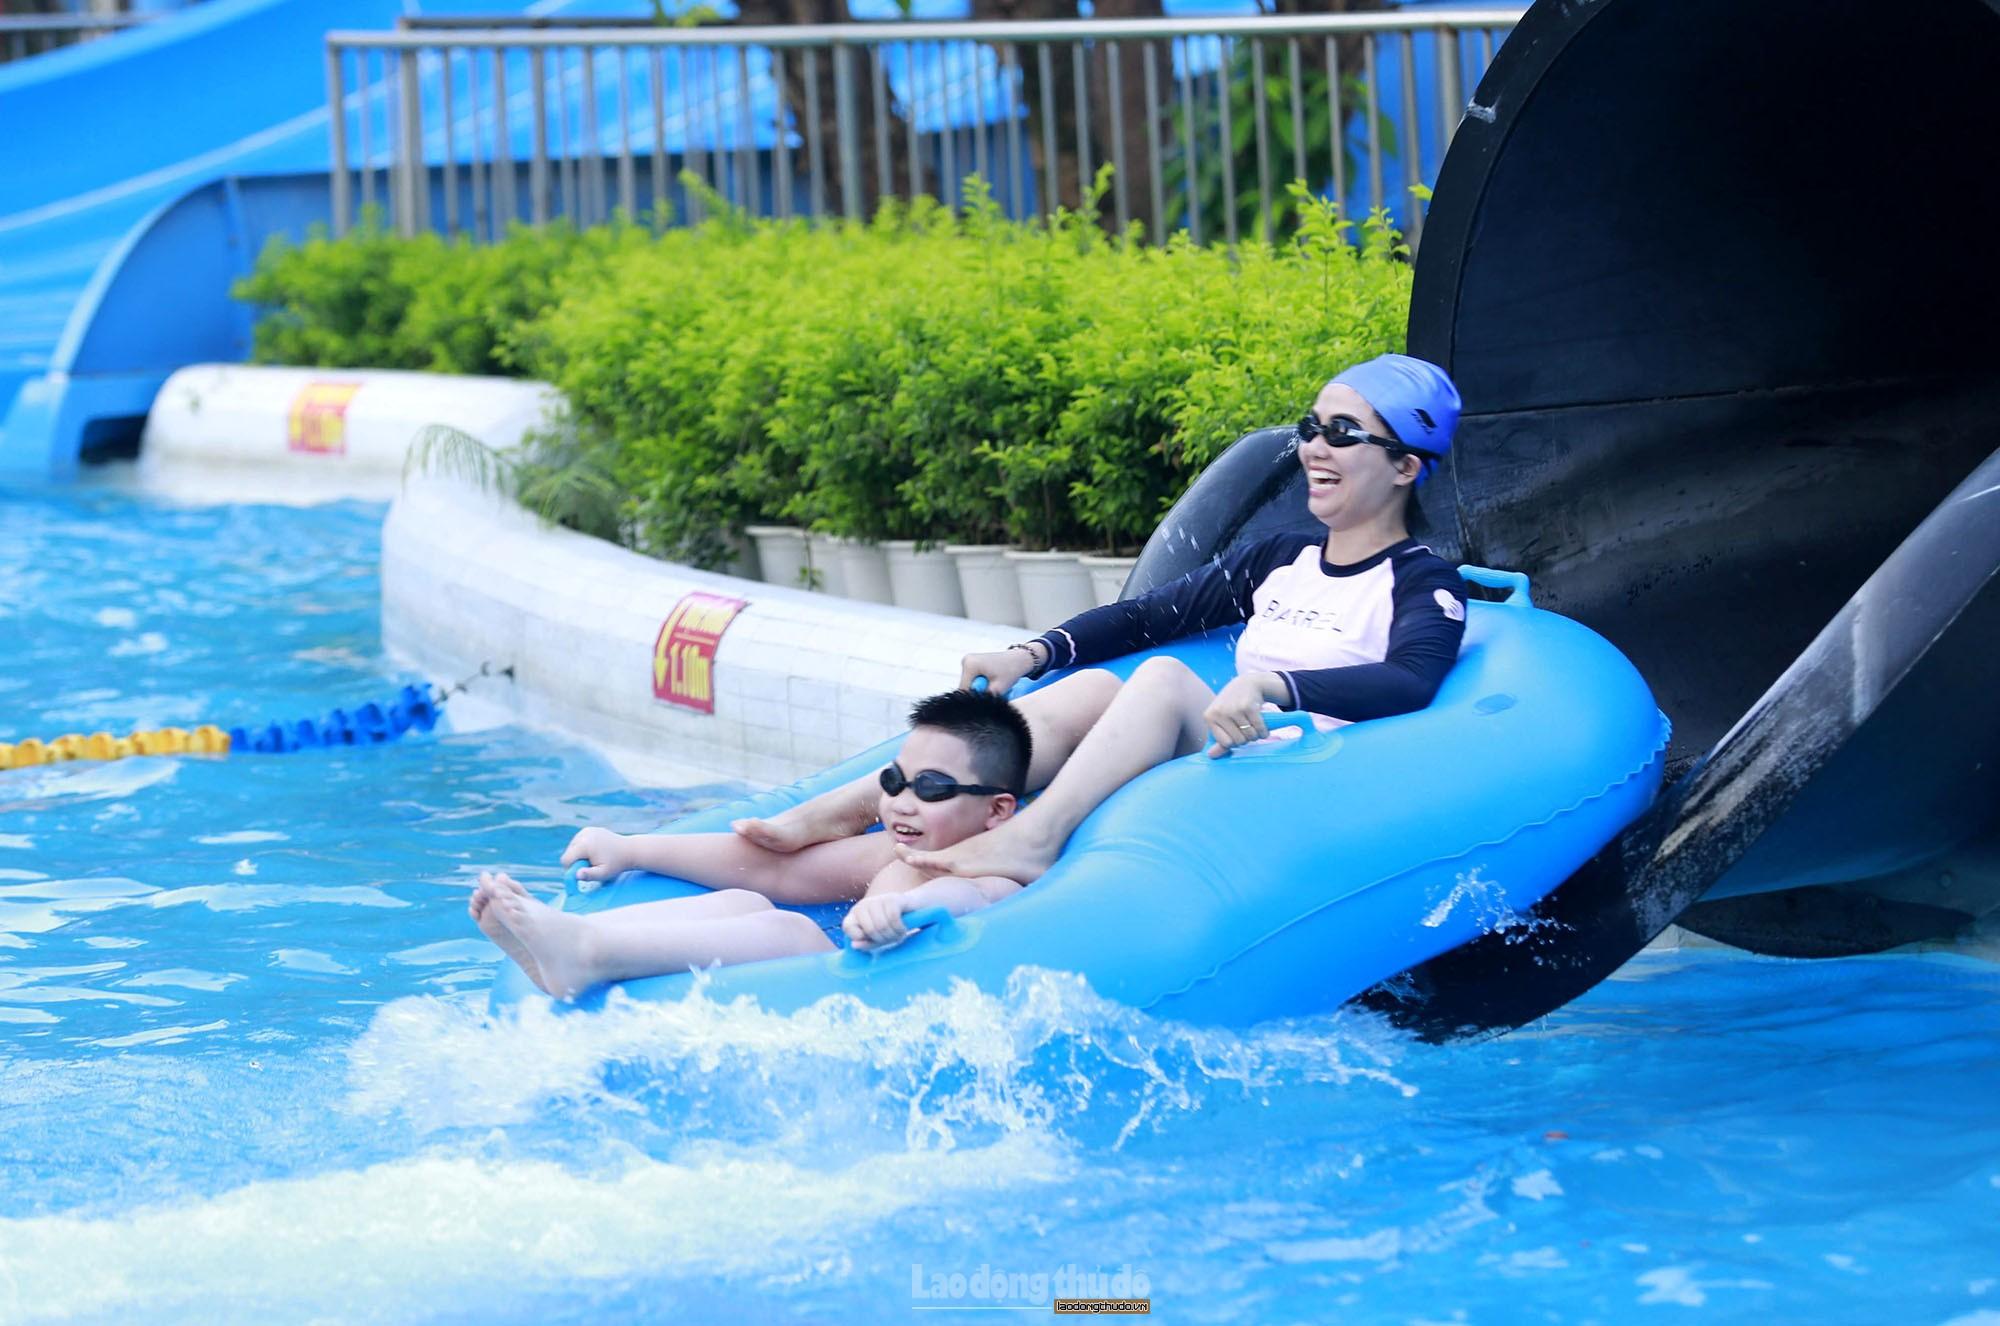 Tăng cường quản lý hoạt động du lịch trên sông, hồ, bể bơi, vui chơi dưới nước